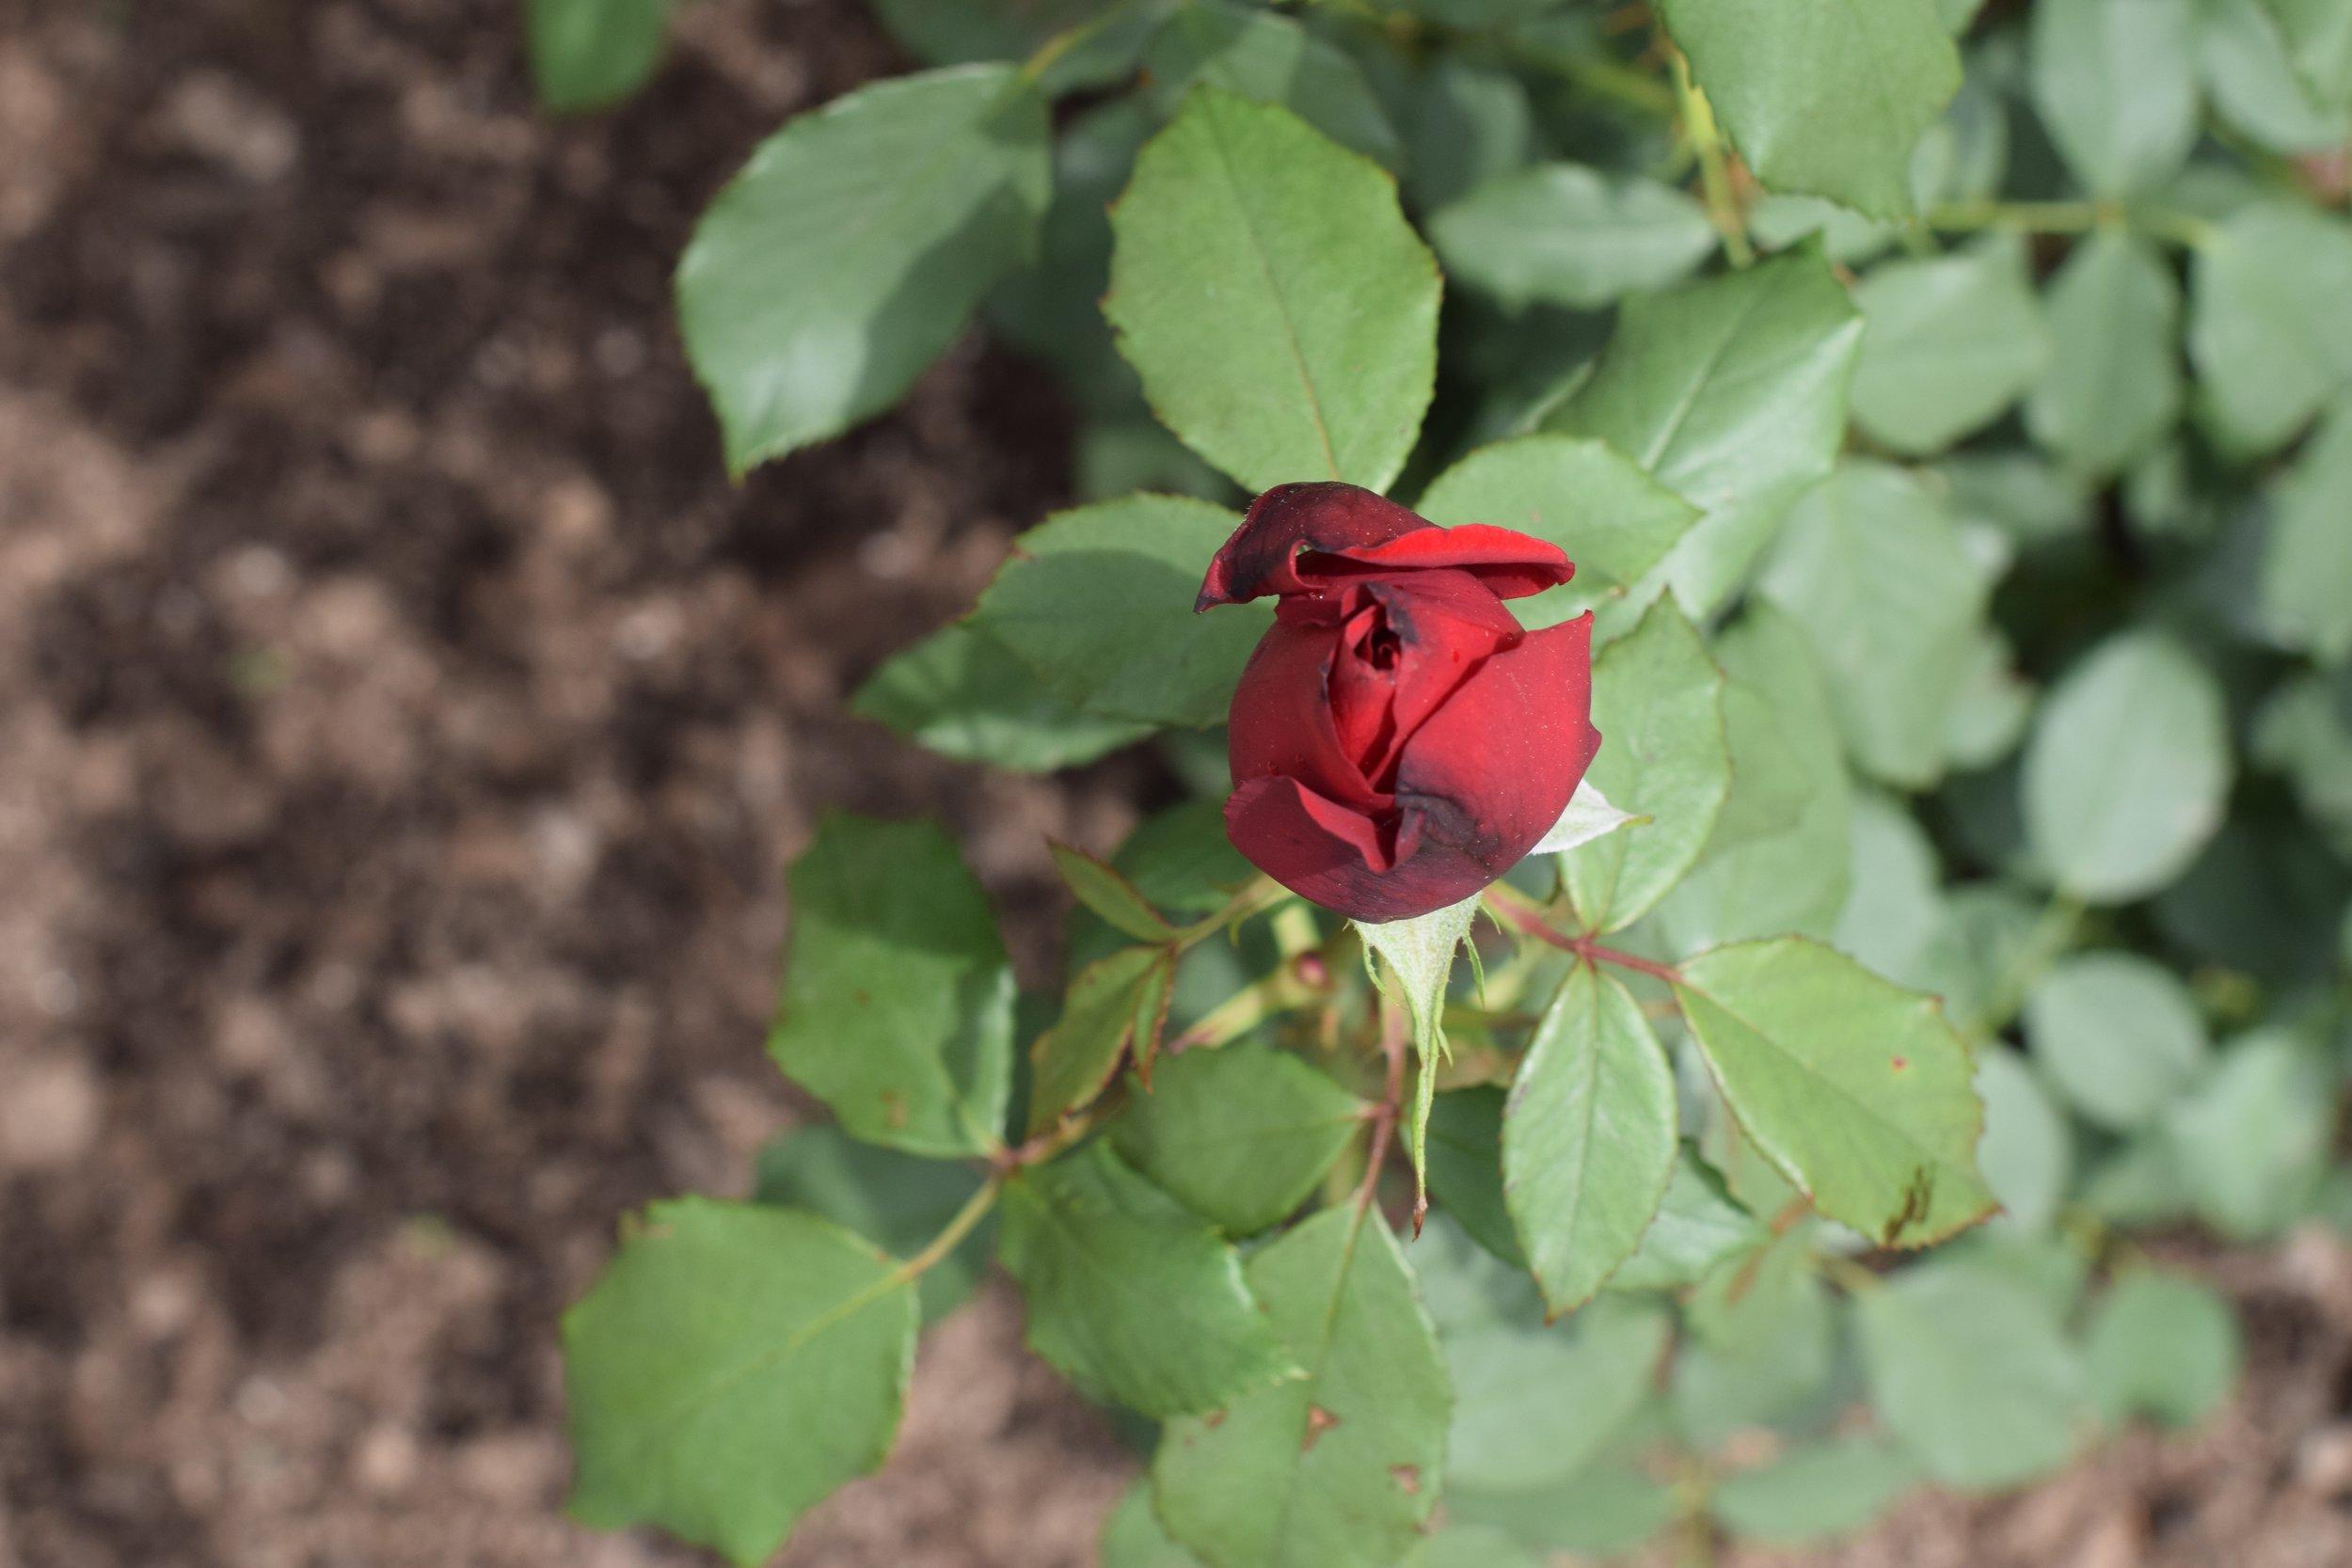 rose-amanda-meder